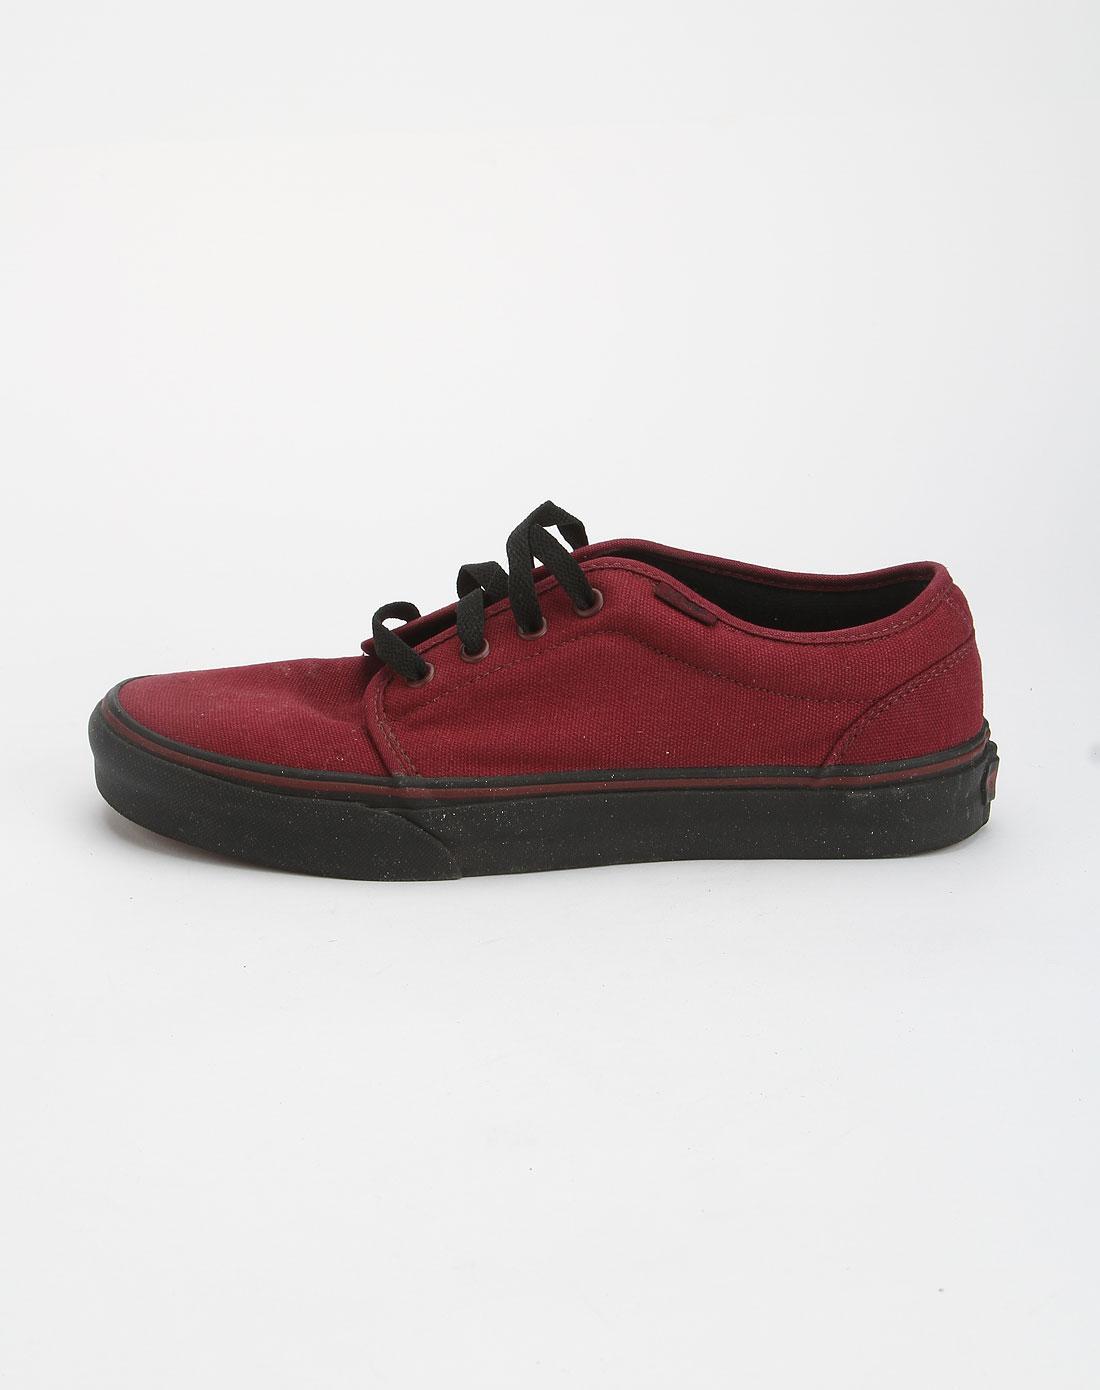 万斯vans男士专场-男款酒红色简约帆布绑带硫化鞋